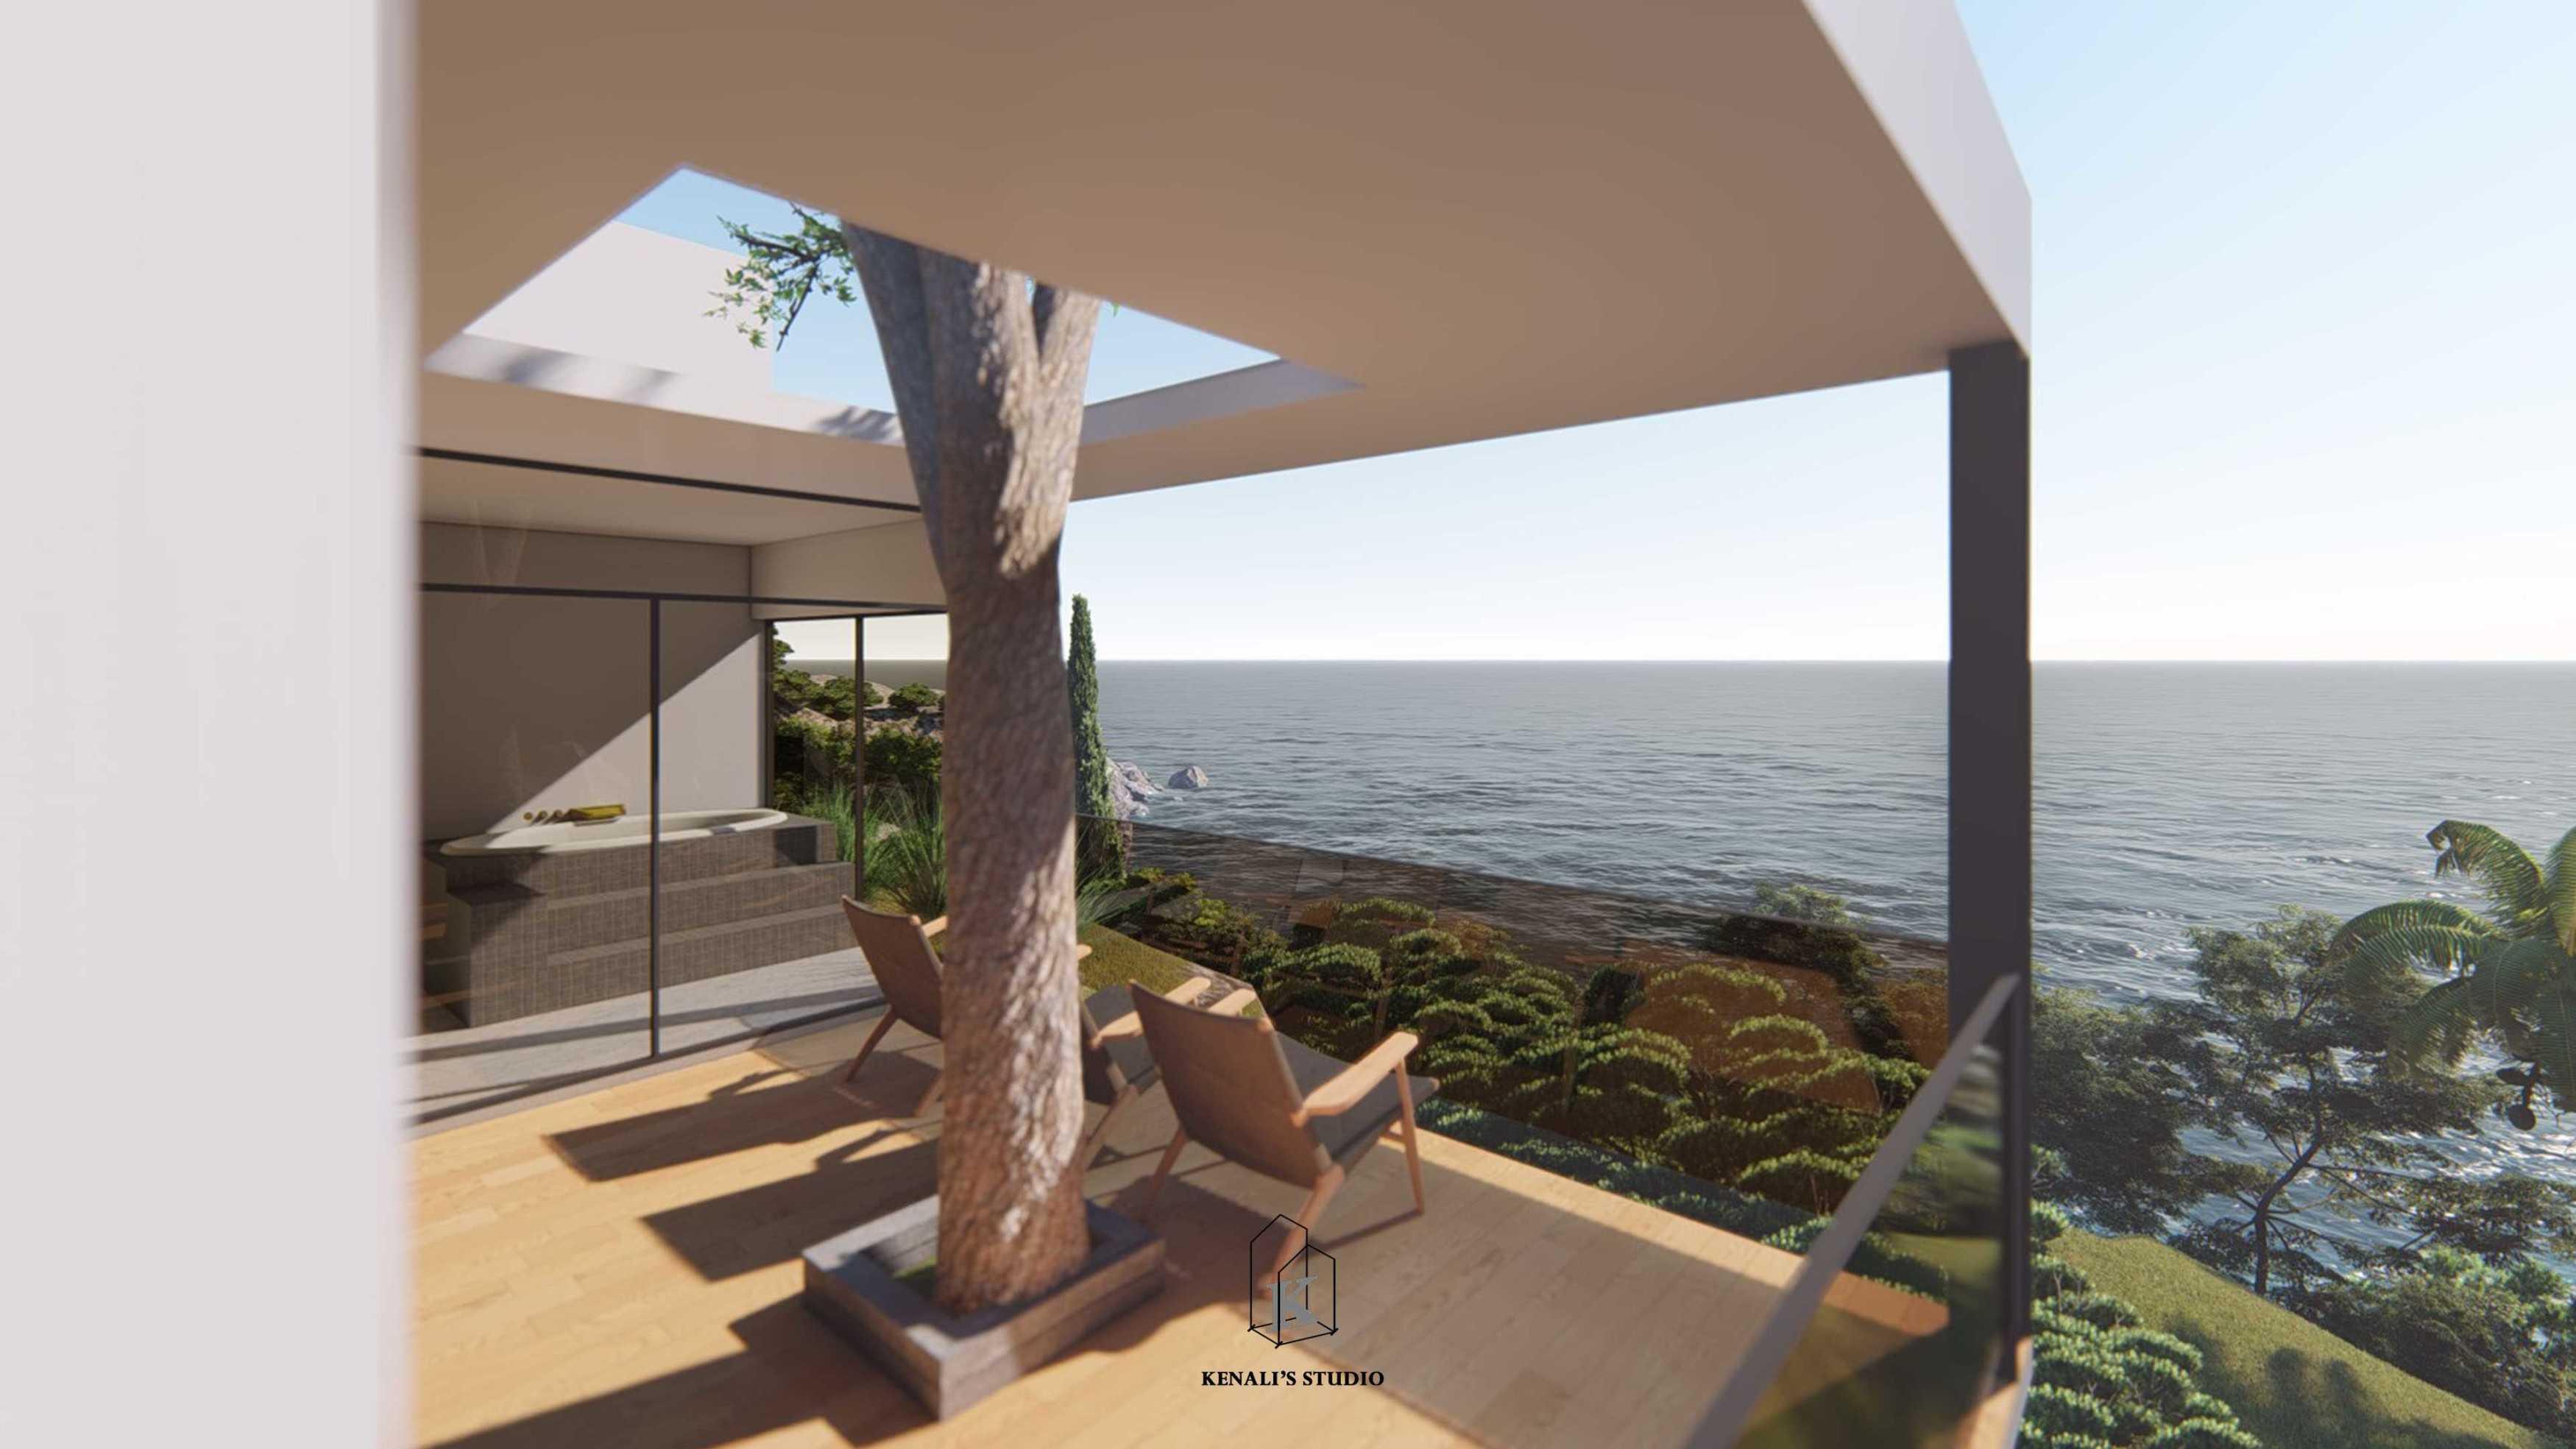 Kenali's Studio Villa Ubud, Kecamatan Ubud, Kabupaten Gianyar, Bali, Indonesia Ubud, Kecamatan Ubud, Kabupaten Gianyar, Bali, Indonesia Kenalis-Studio-Villa Modern  93604